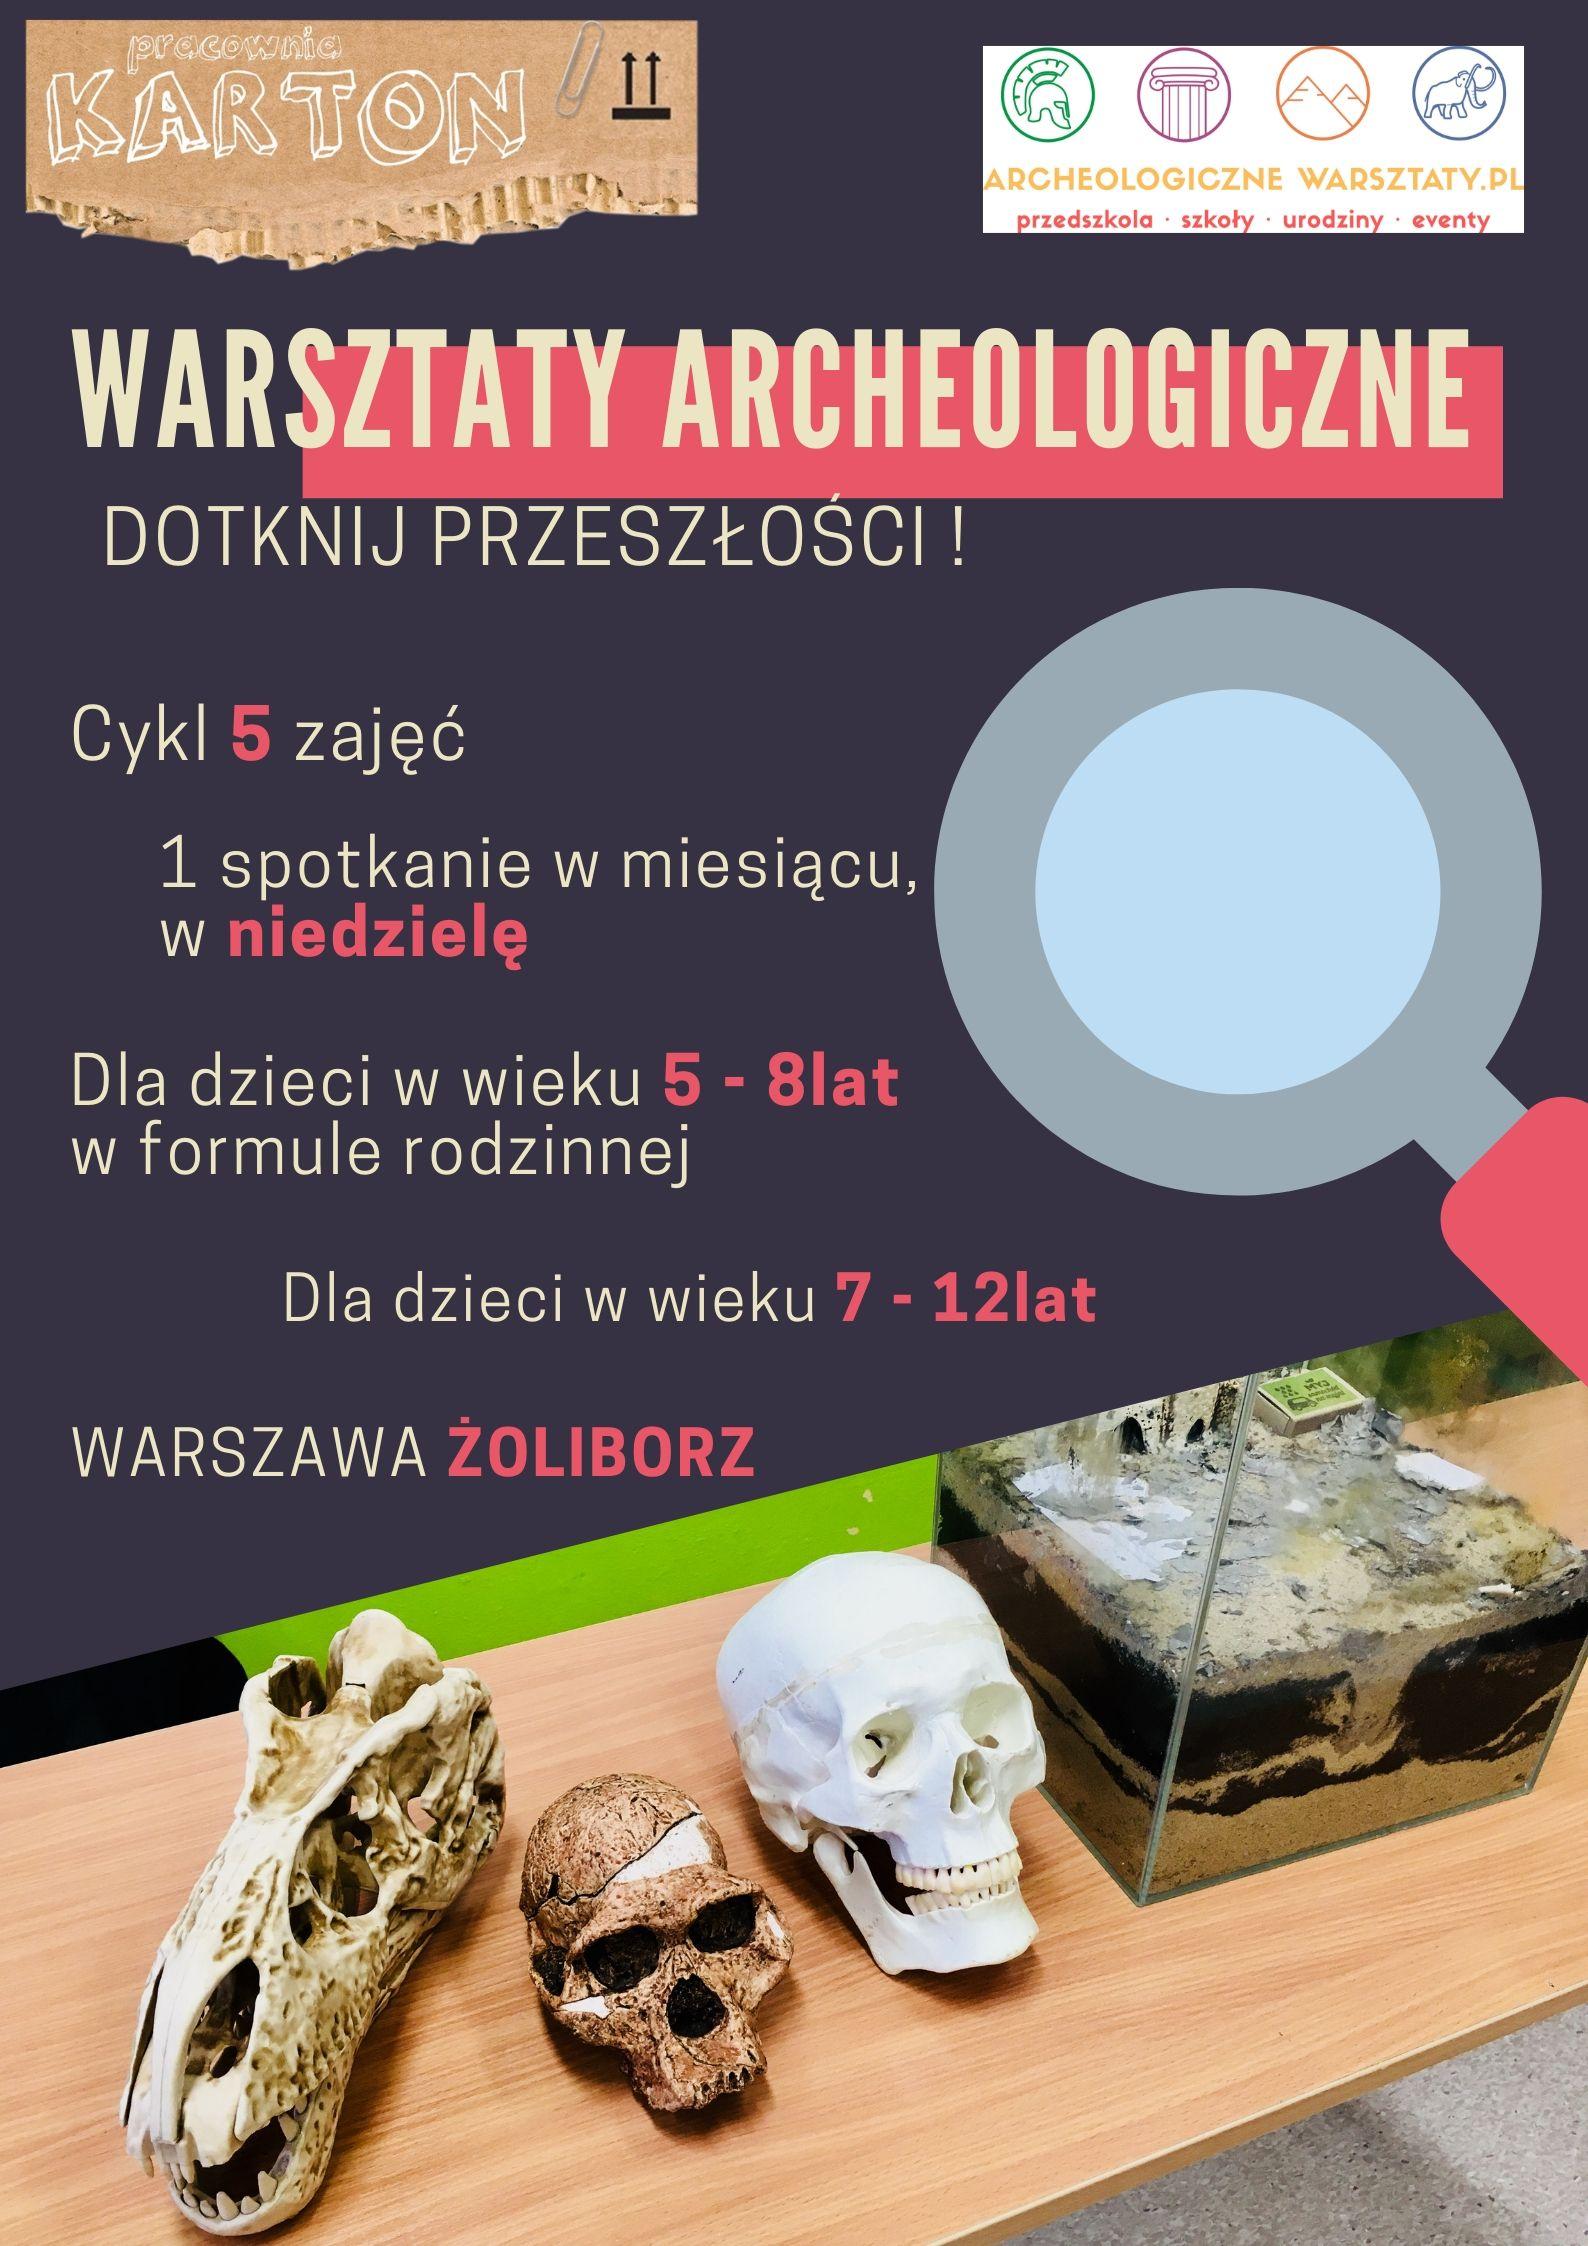 Yaba Daba Dooo - epoka kamienia. Warsztaty archeologiczne dla dzieci i rodziców